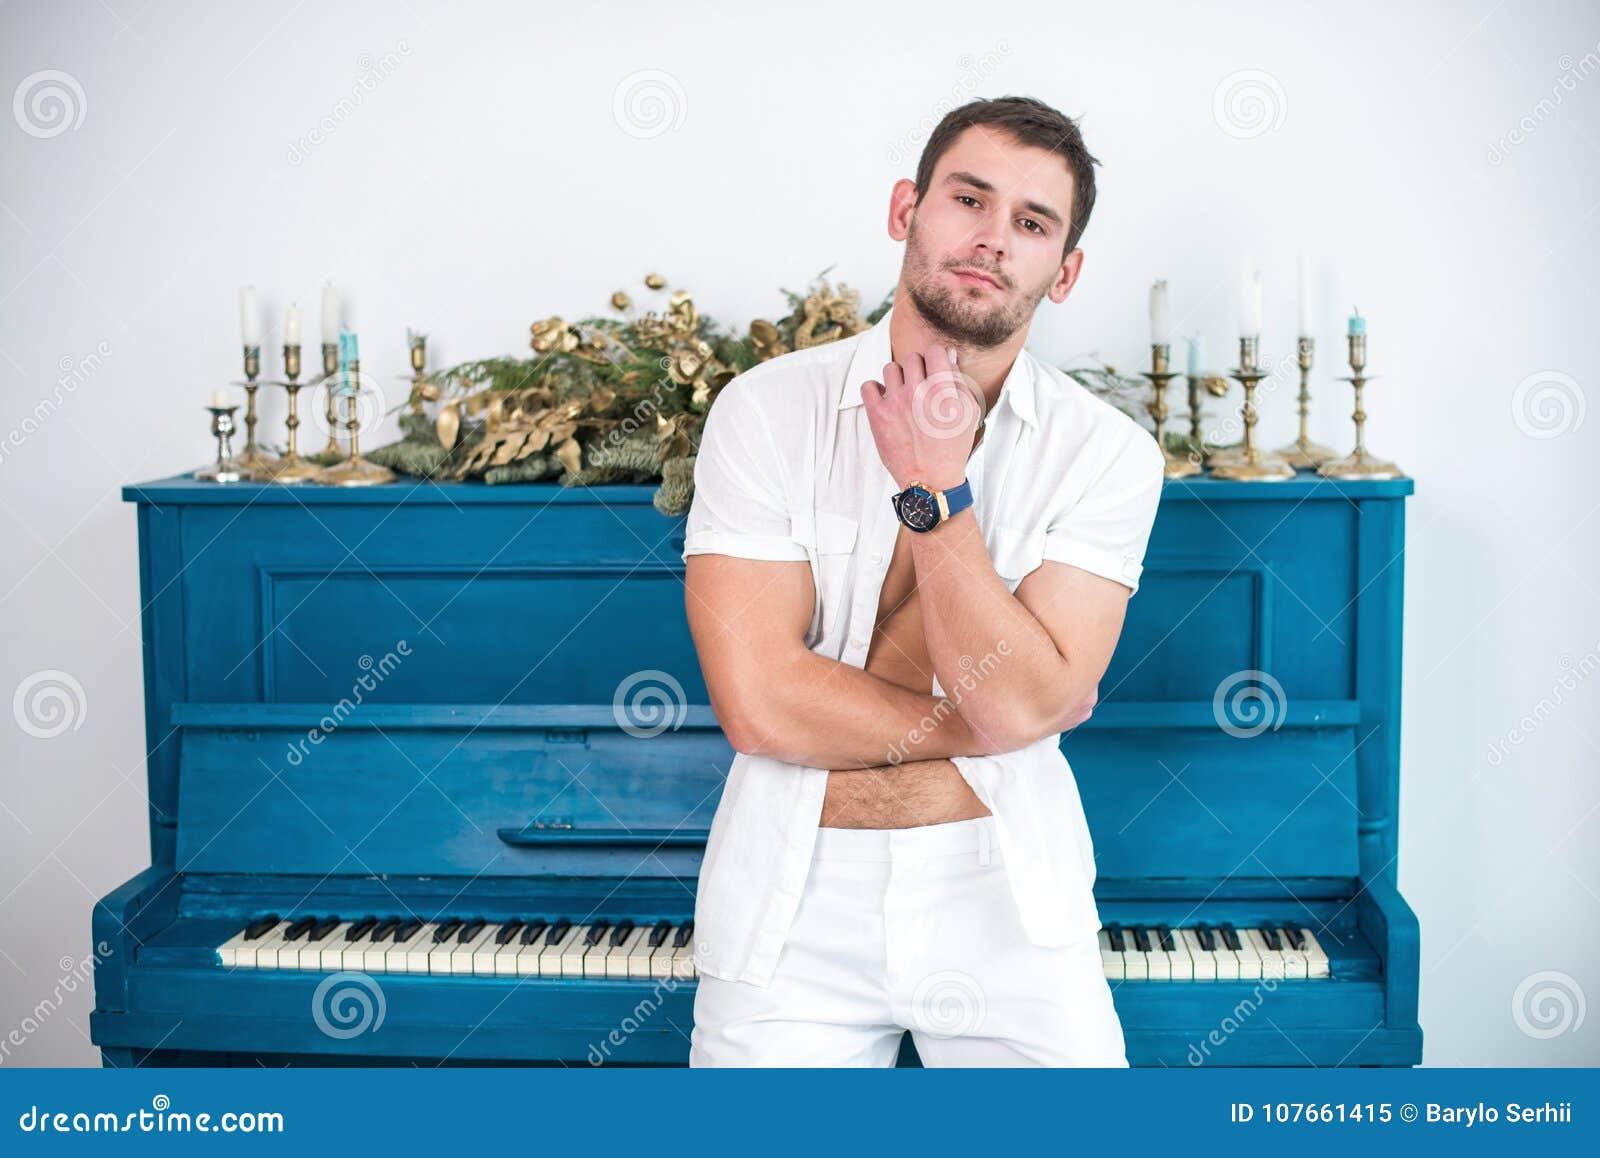 Nadenkende, knappe mens met een baard in witte kleren tegen de achtergrond van een piano, een geraspt overhemd met een naakt tors